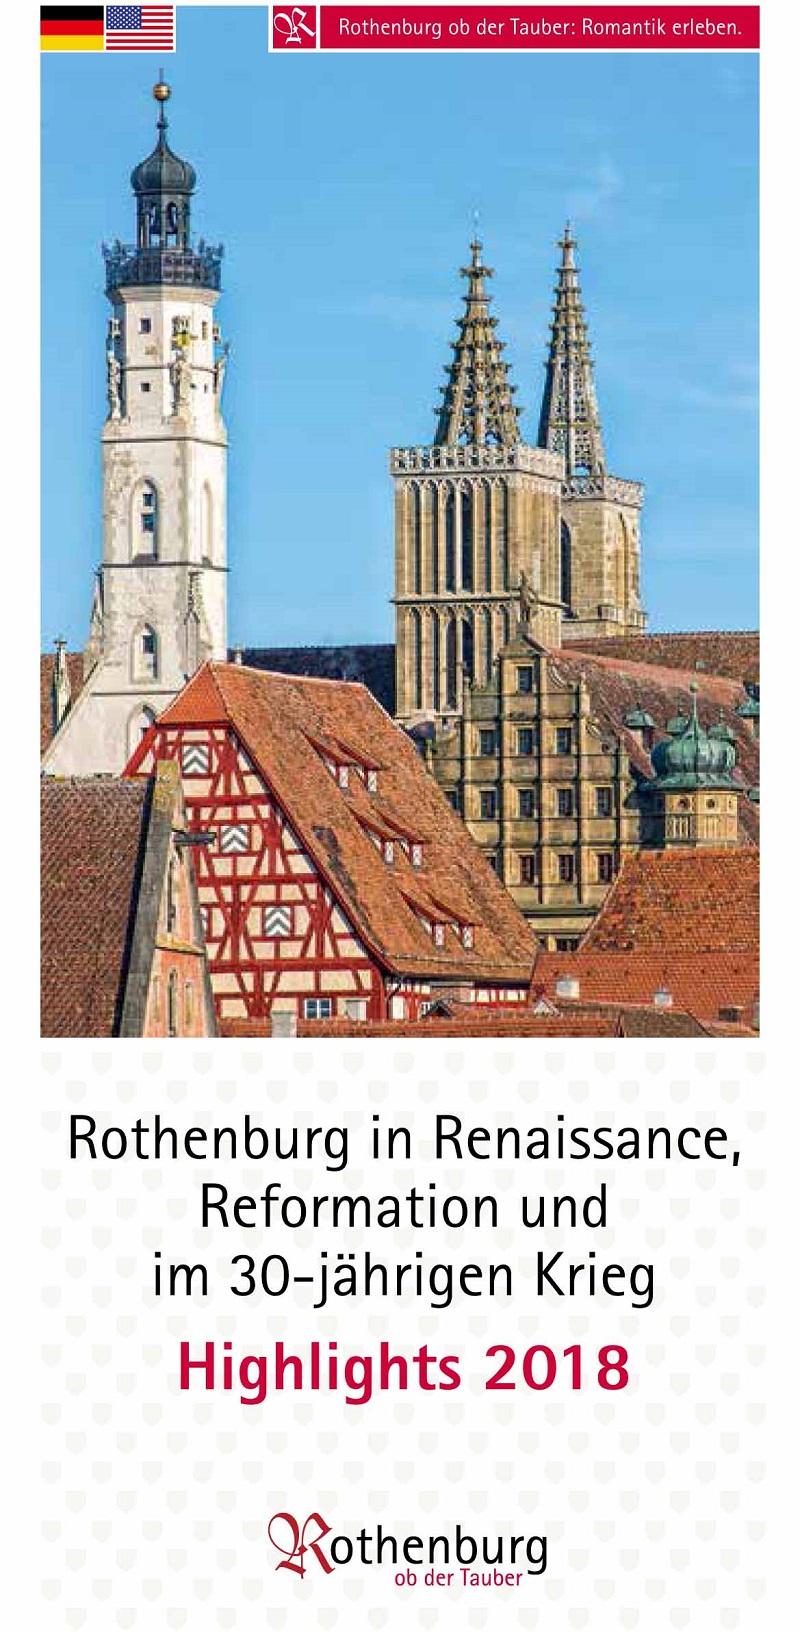 Rothenburg in Renaissance, Reformation und im Dreißgjährigen Krieg